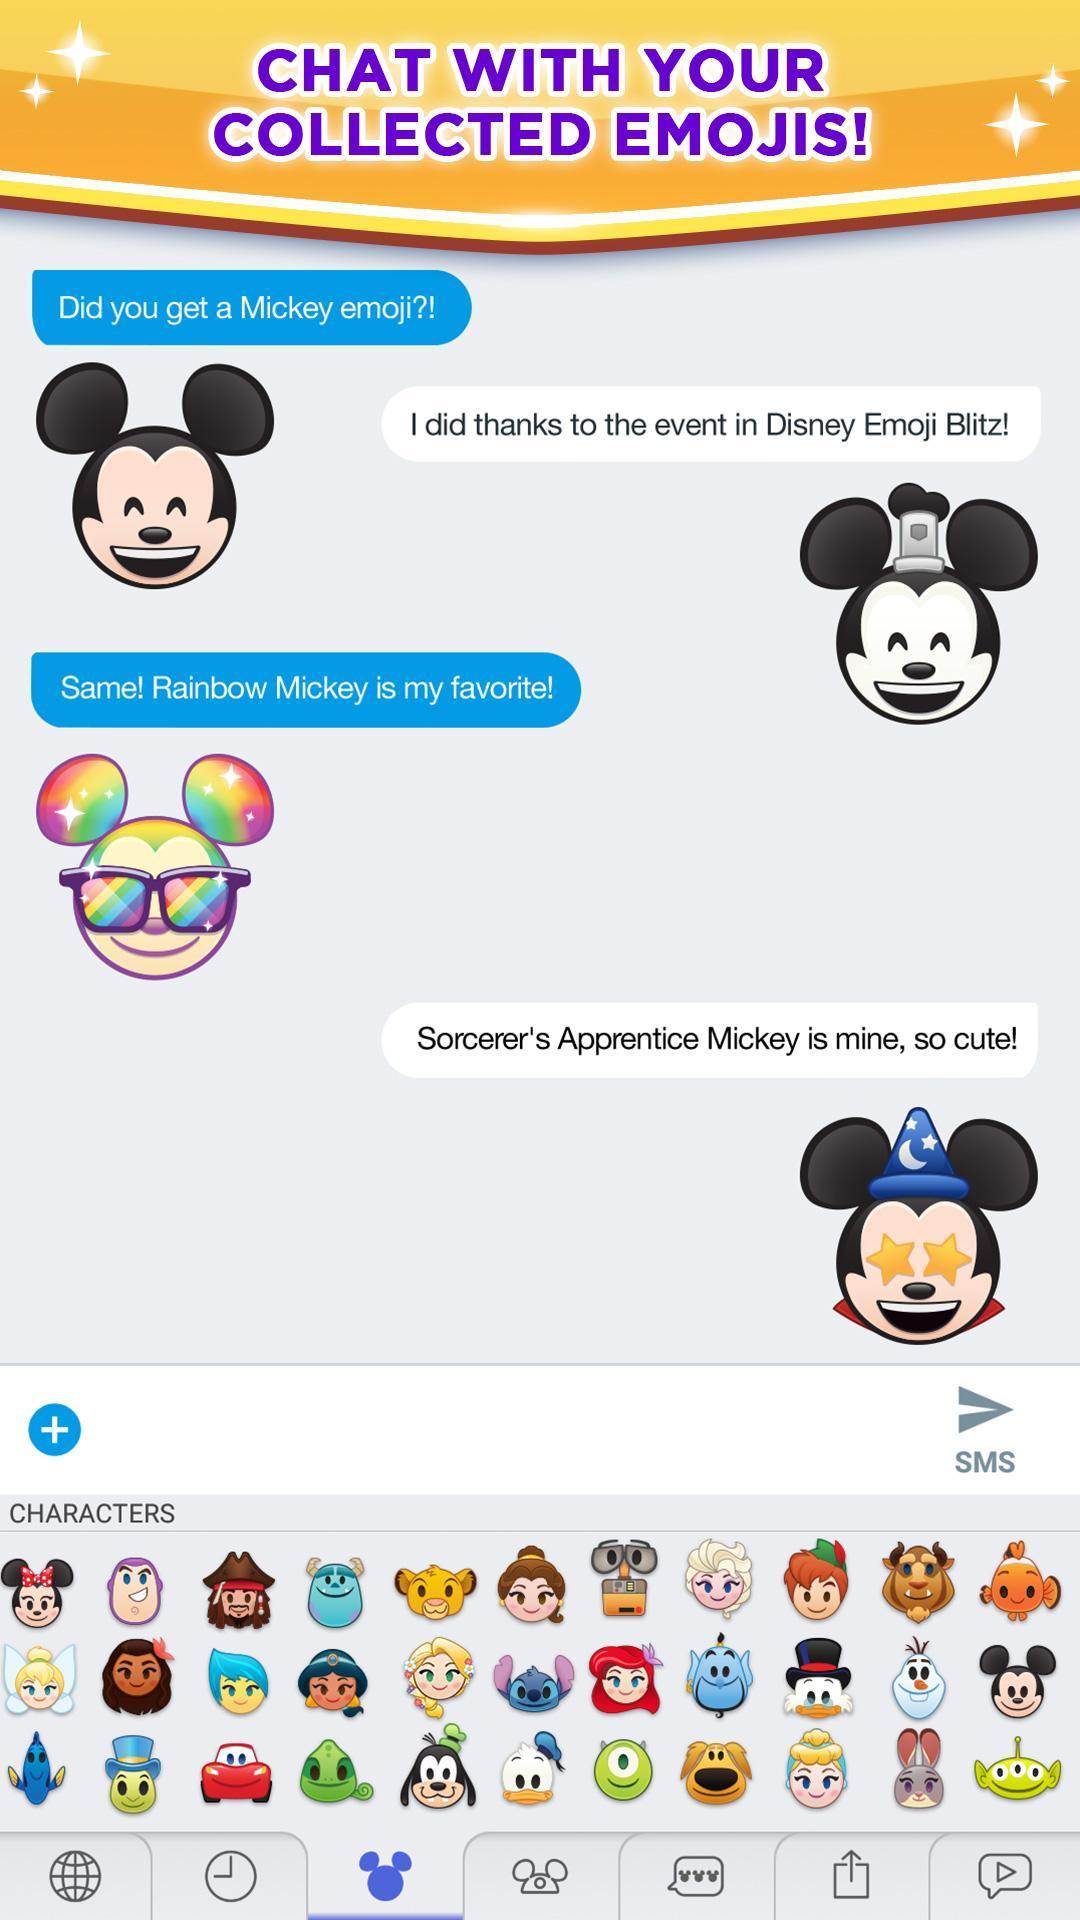 Disney Emoji Blitz For Android  Apk Download intended for Emoji Blitz Event Calendar